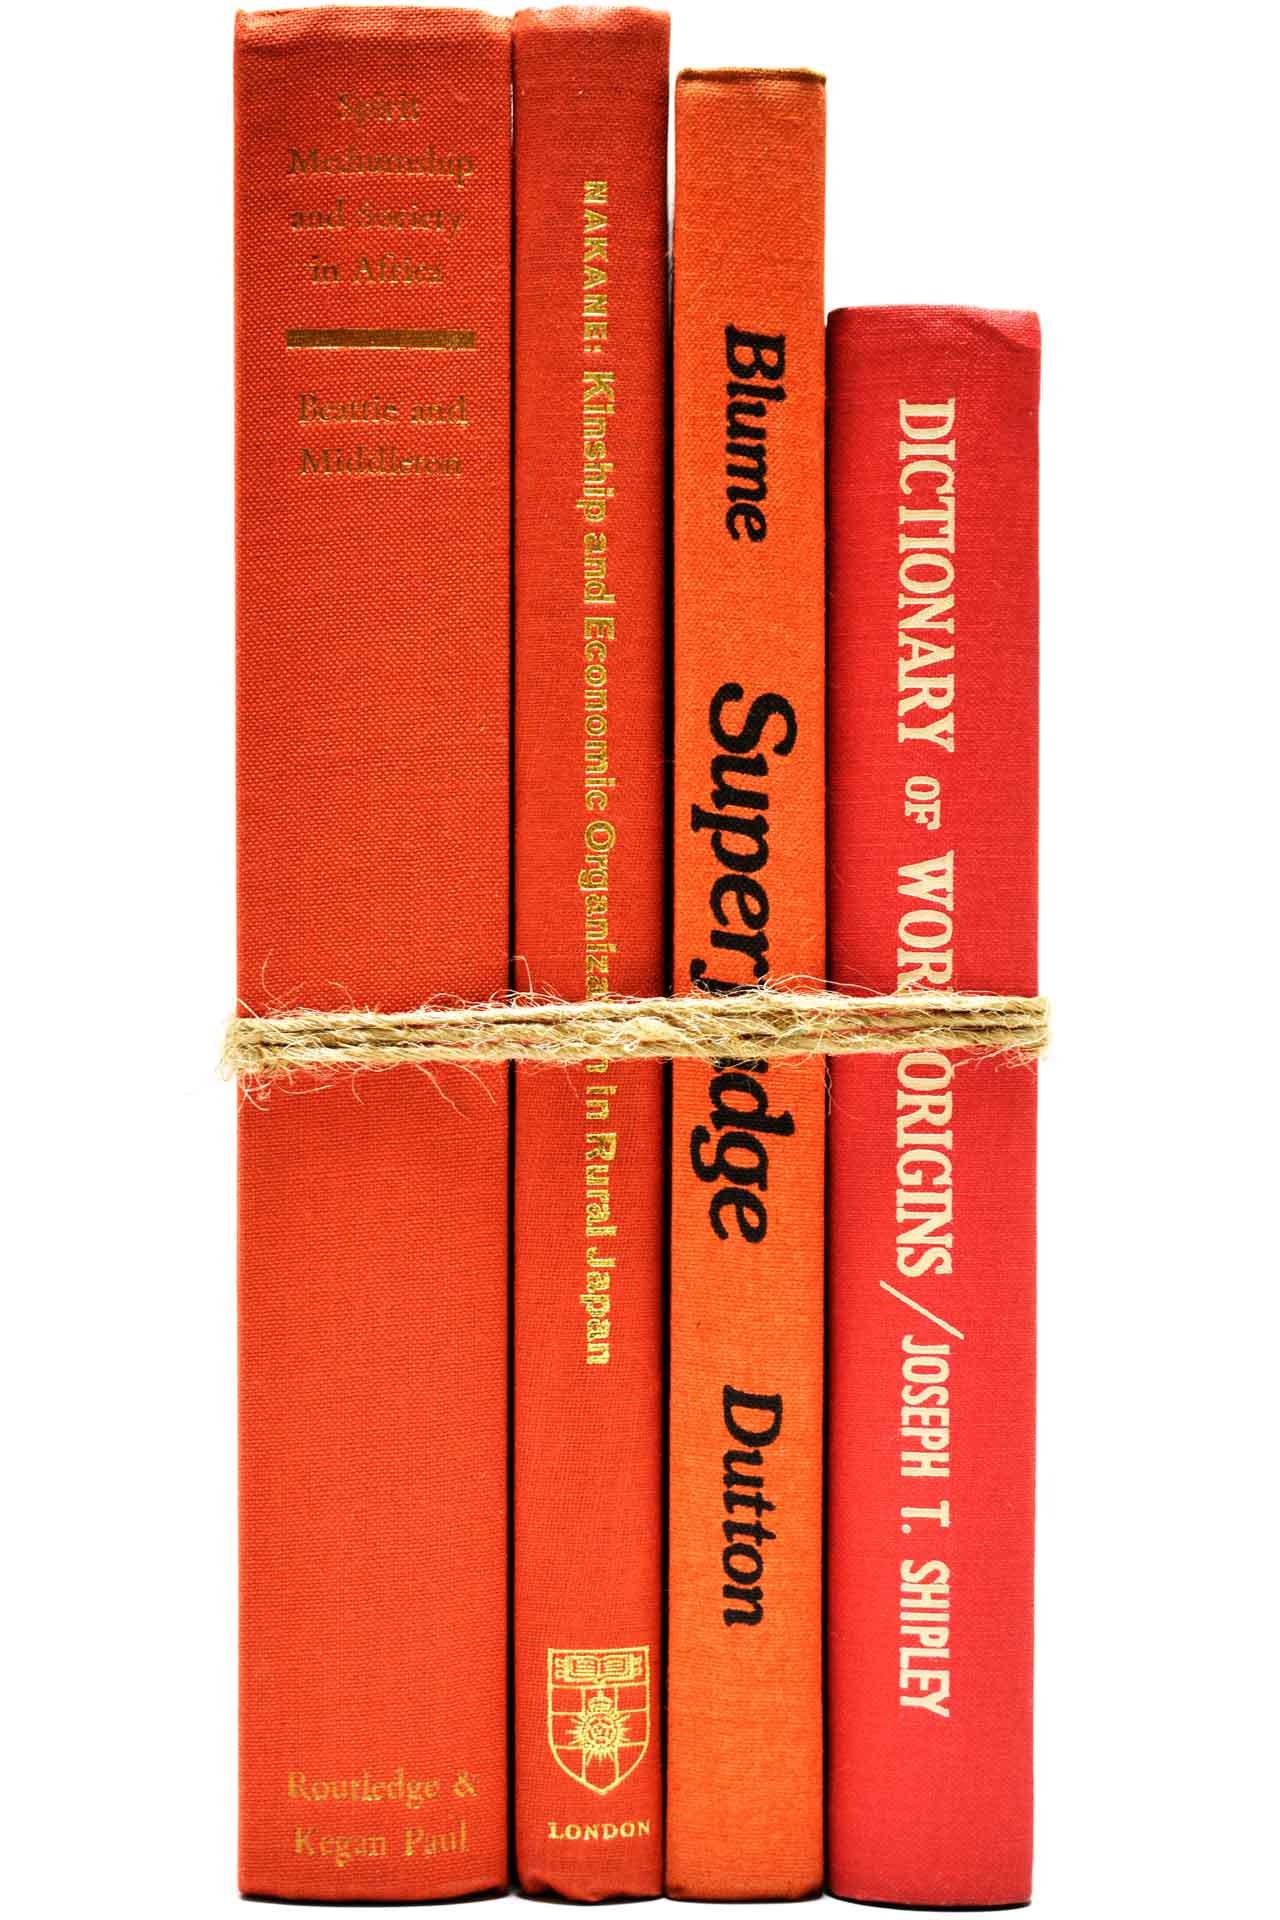 洋書 ディスプレイ用 4冊セット RZ-5171